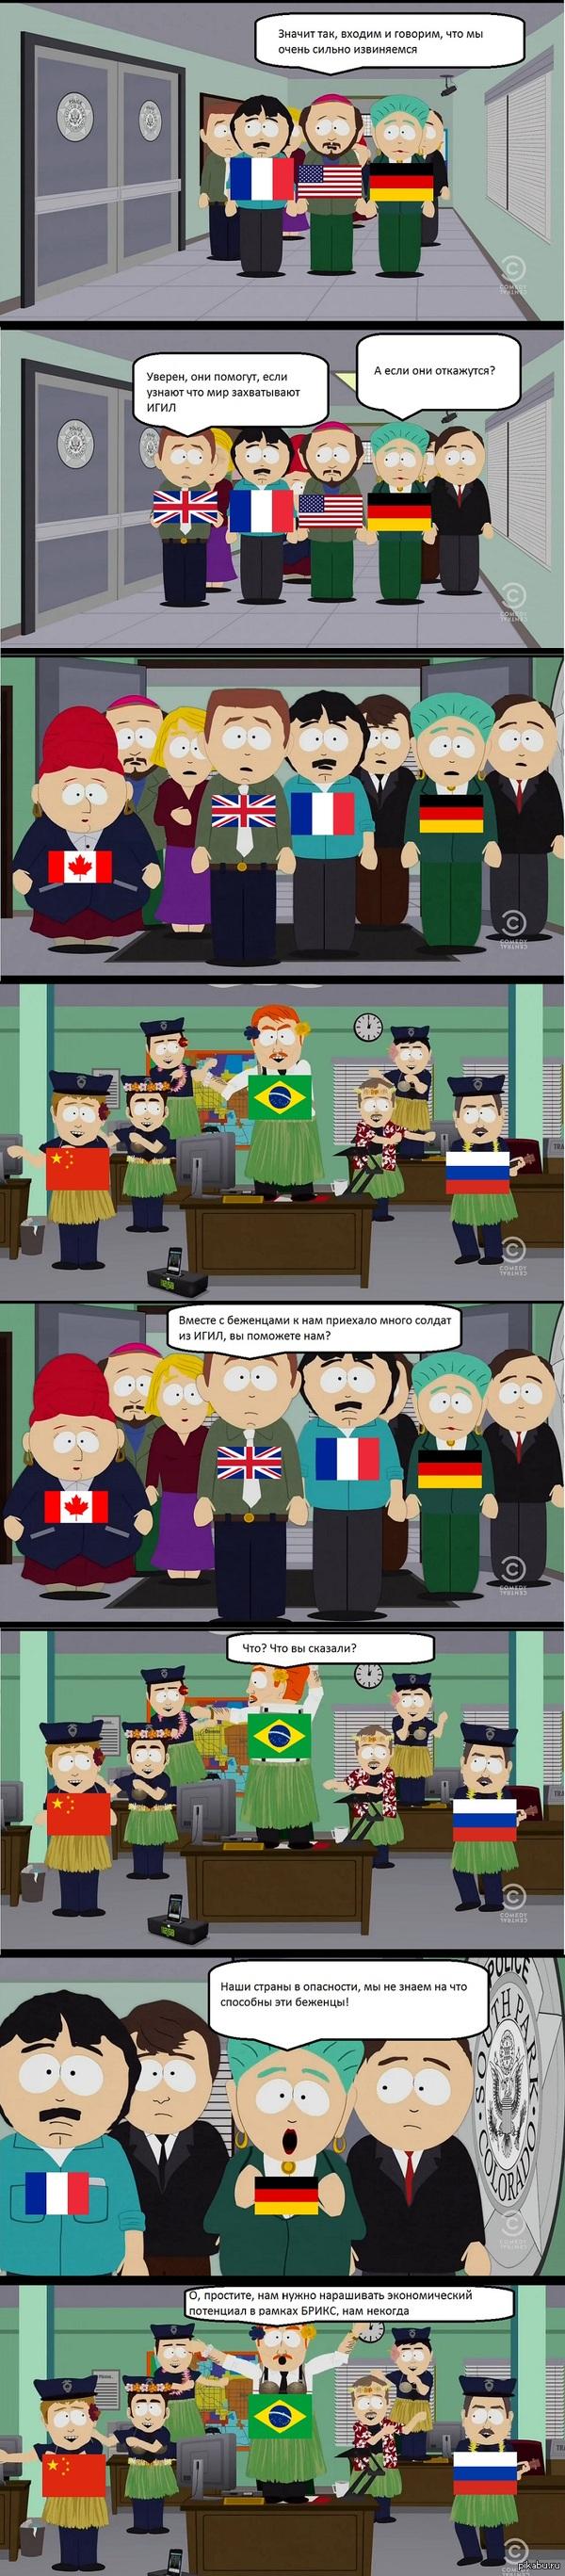 Гениальный момент из South Park на иной лад Все совпадения с реальными персонажами - случайны